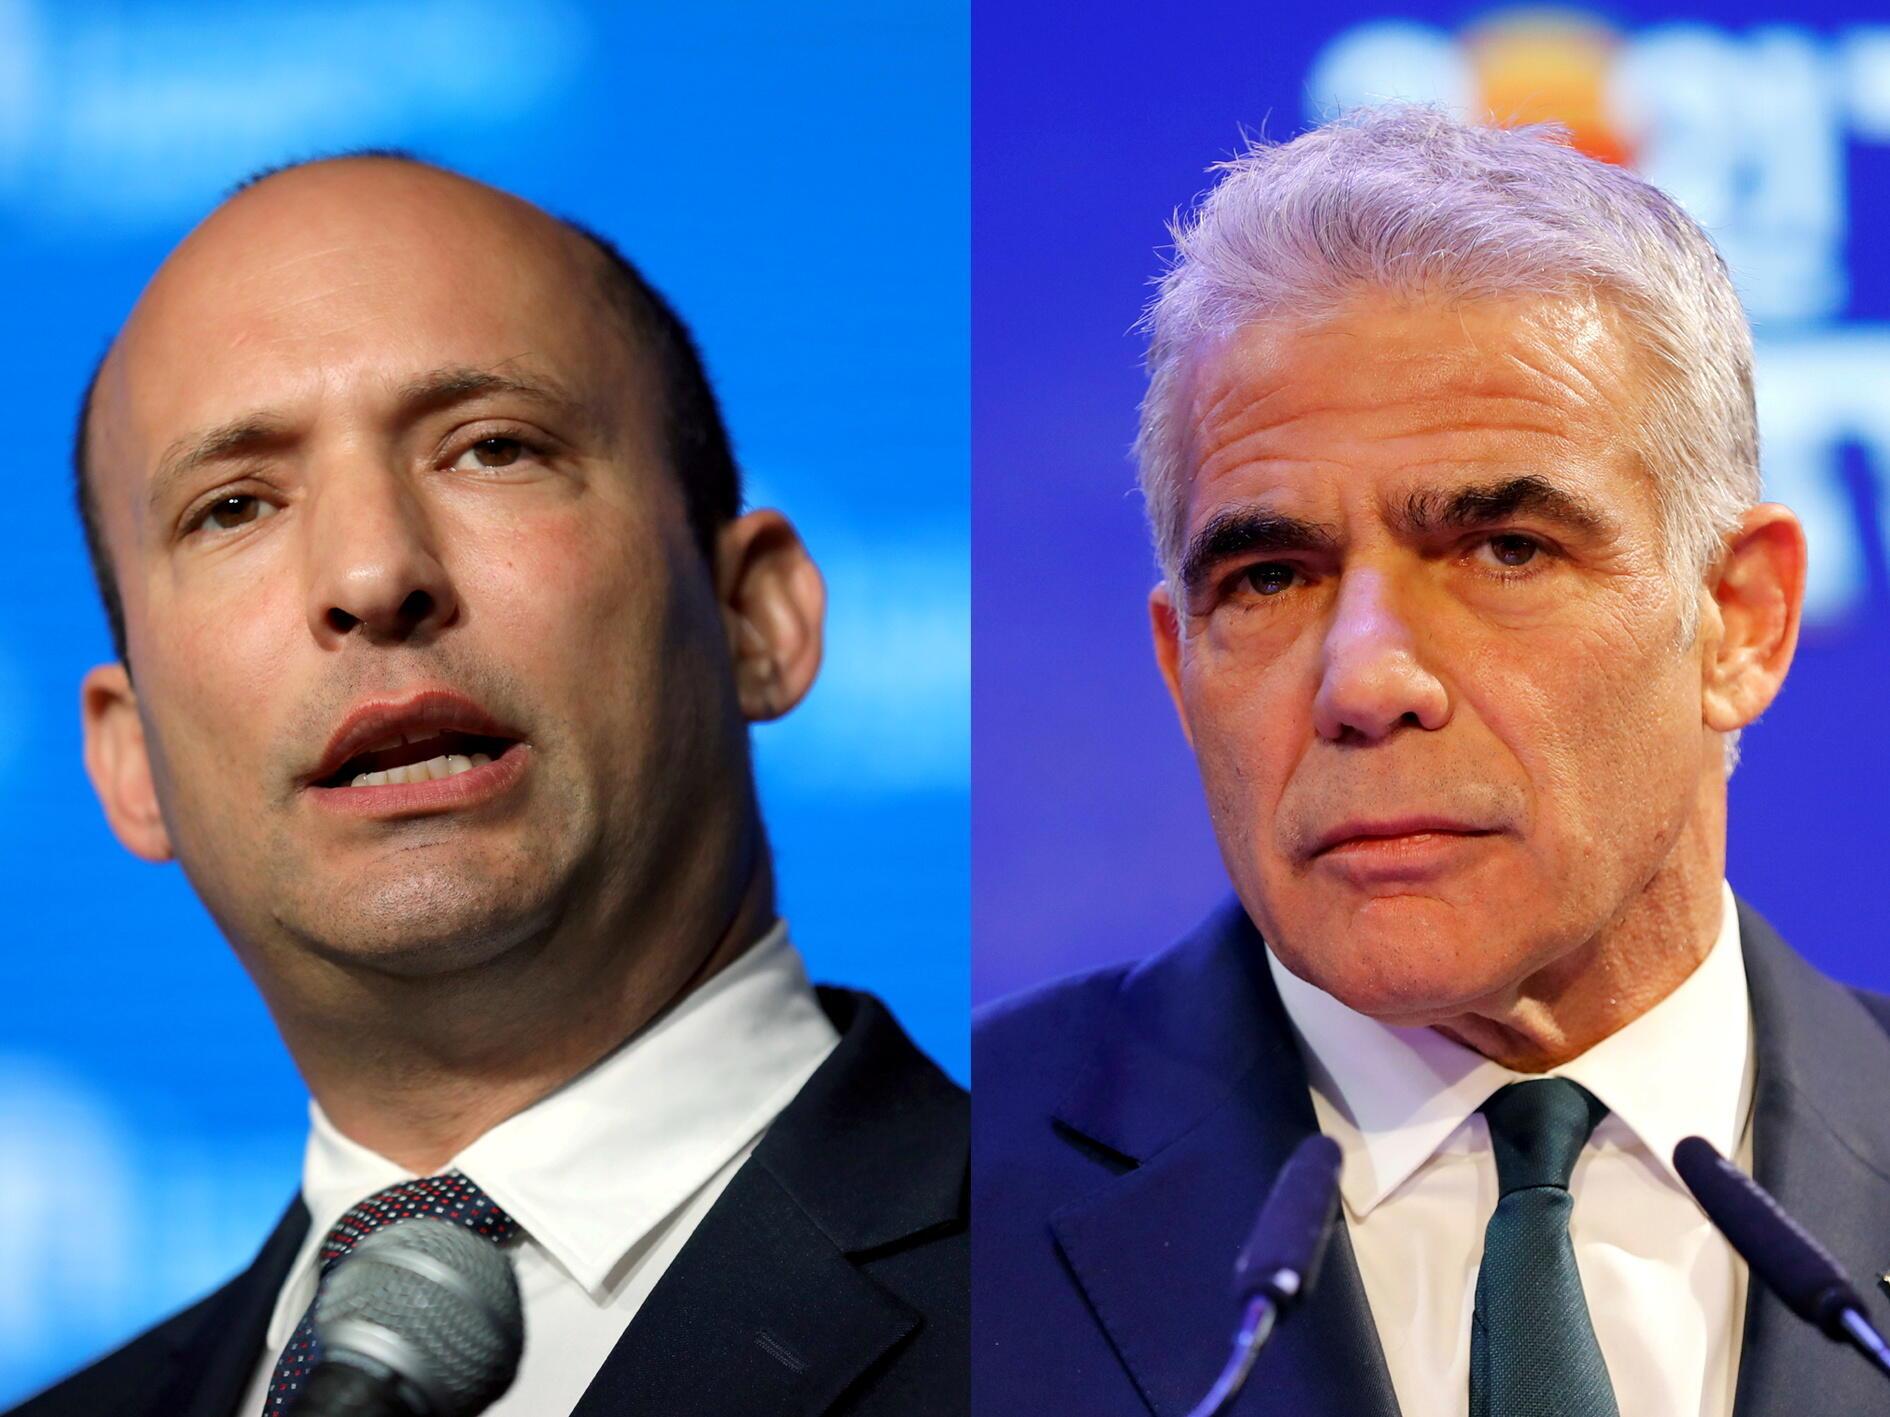 Naftali Bennett (à gauche), ancien ministre israélien de l'Éducation, ici à Jérusalem le 14 mai 2018, et le leader du parti centriste Yesh Atid, Yaïr Lapid (à droite), ici à Tel Aviv le 24 mars 2021.